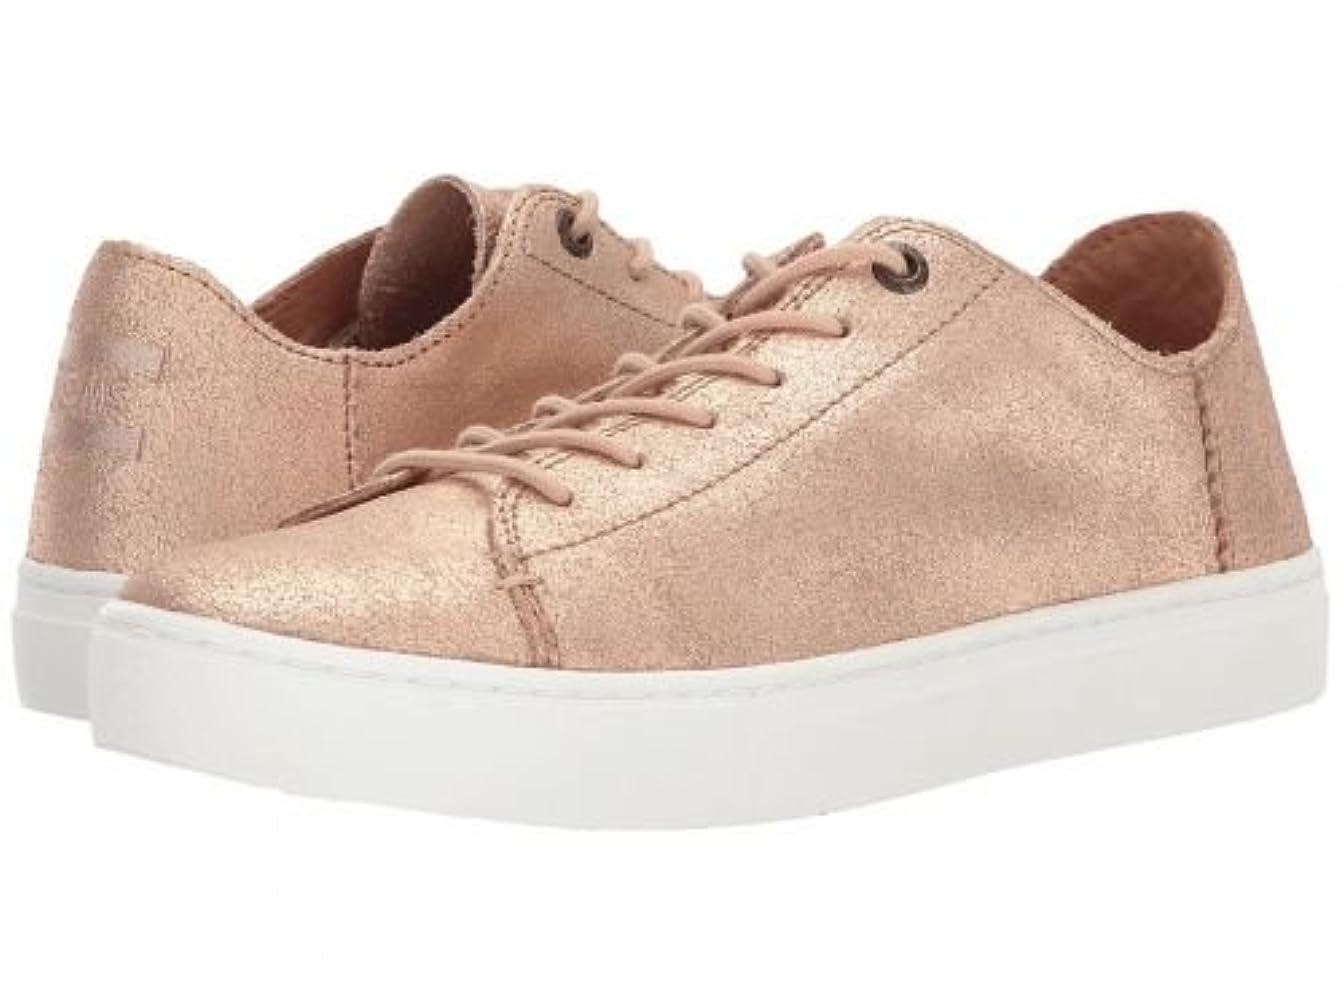 略すポルノ醜いTOMS(トムス) レディース 女性用 シューズ 靴 スニーカー 運動靴 Lenox - Rose Gold Metallic Leather 5 B - Medium [並行輸入品]